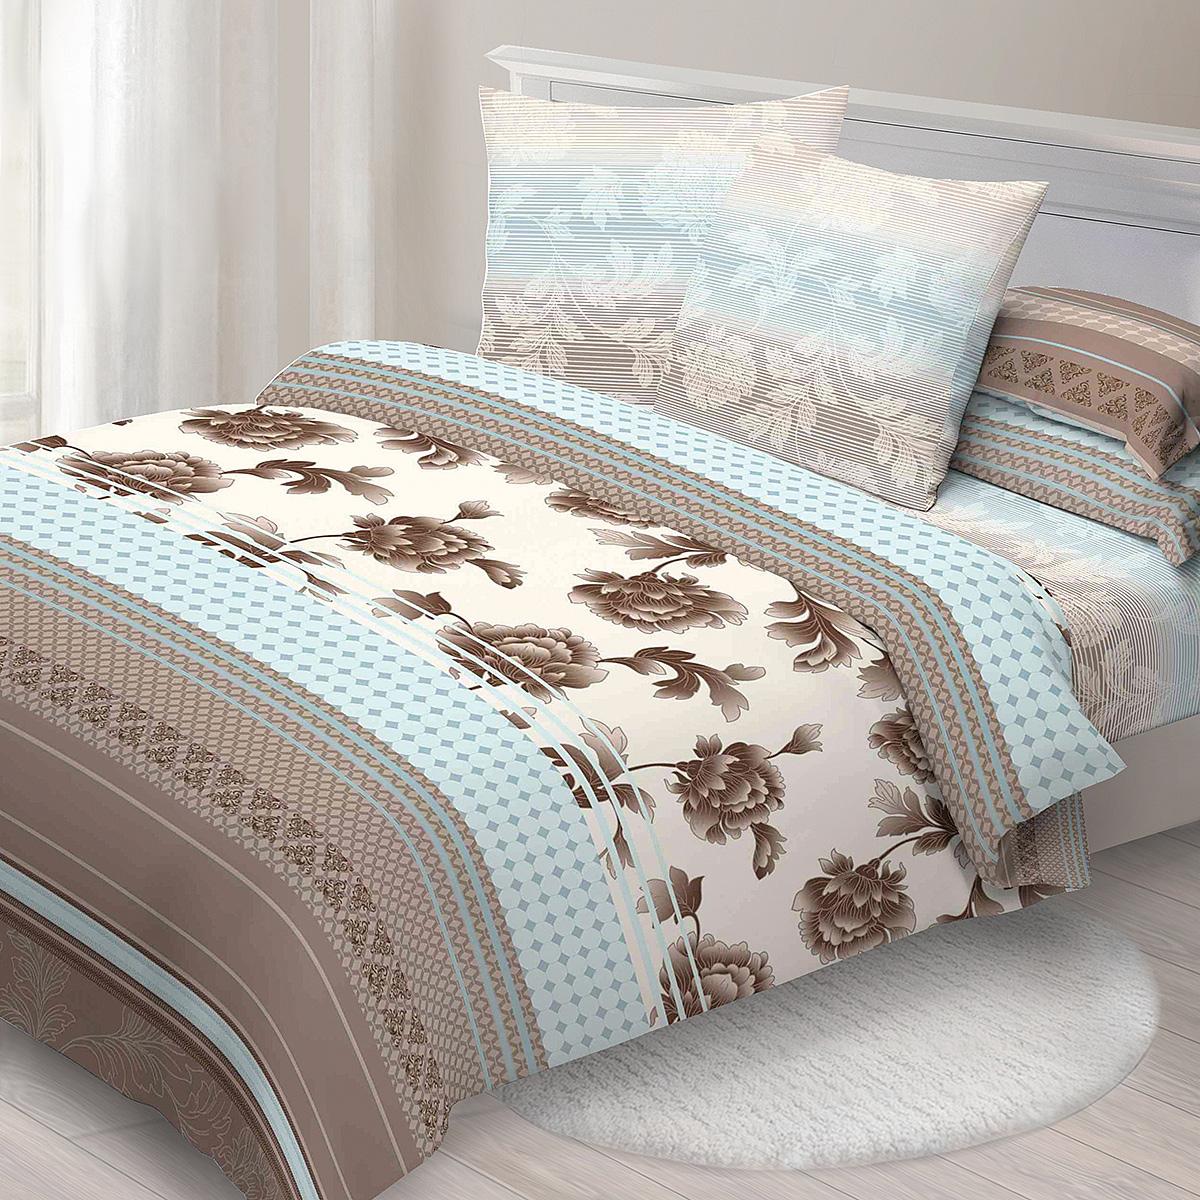 Комплект белья Спал Спалыч Агат, 1,5-спальное, наволочки 70x70, цвет: голубой6221CСпал Спалыч - недорогое, но качественное постельное белье из белорусской бязи. Актуальные дизайны, авторская упаковка в сочетании с качественными материалами и приемлемой ценой - залог успеха Спал Спалыча!В ассортименте широкая линейка домашнего текстиля для всей семьи - современные дизайны современному покупателю! Ткань обработана по технологии PERFECT WAY - благодаря чему, она становится более гладкой и шелковистой.• Бязь Барановичи 100% хлопок• Плотность ткани - 125 гр/кв.м.